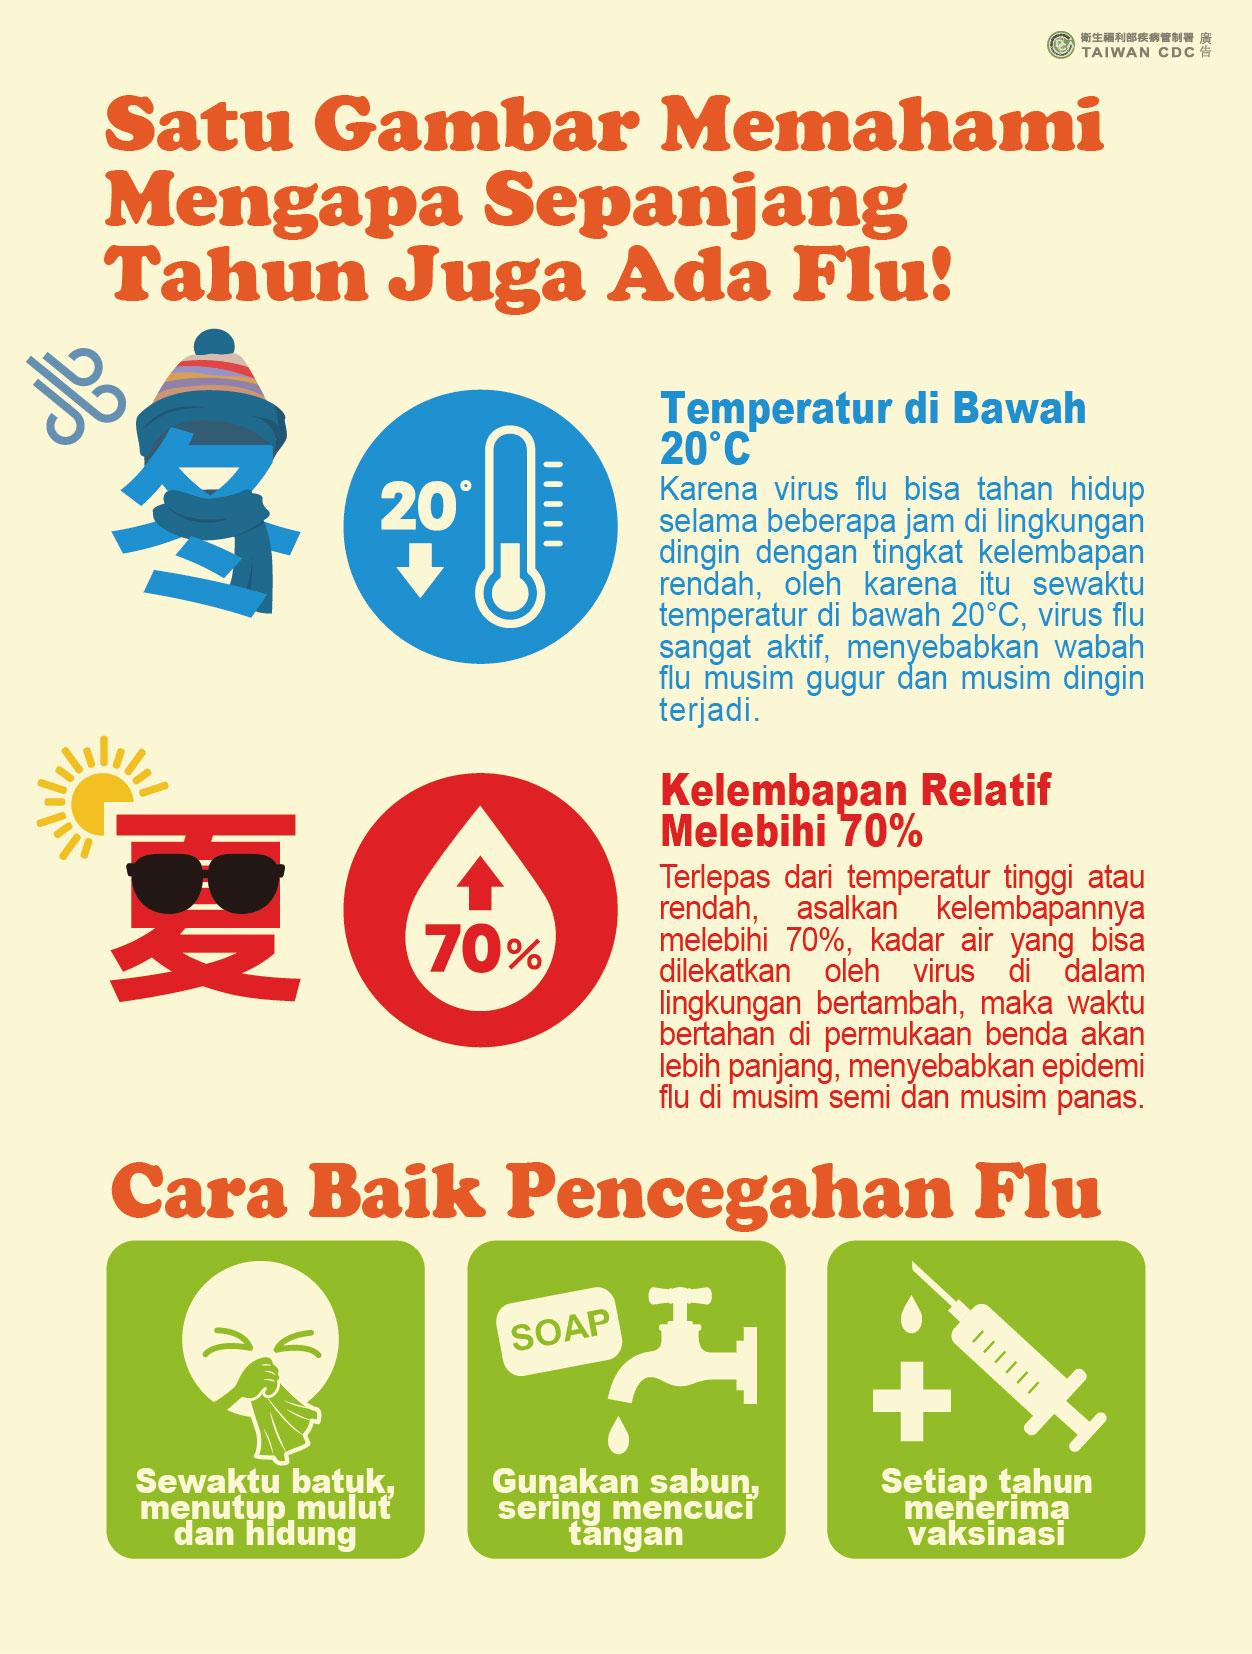 詳如附件【Klik】Satu Gambar Memahami Mengapa Sepanjang Tahun Juga Ada Flu!一張圖了解為什麼全年都有流感!(印尼文)